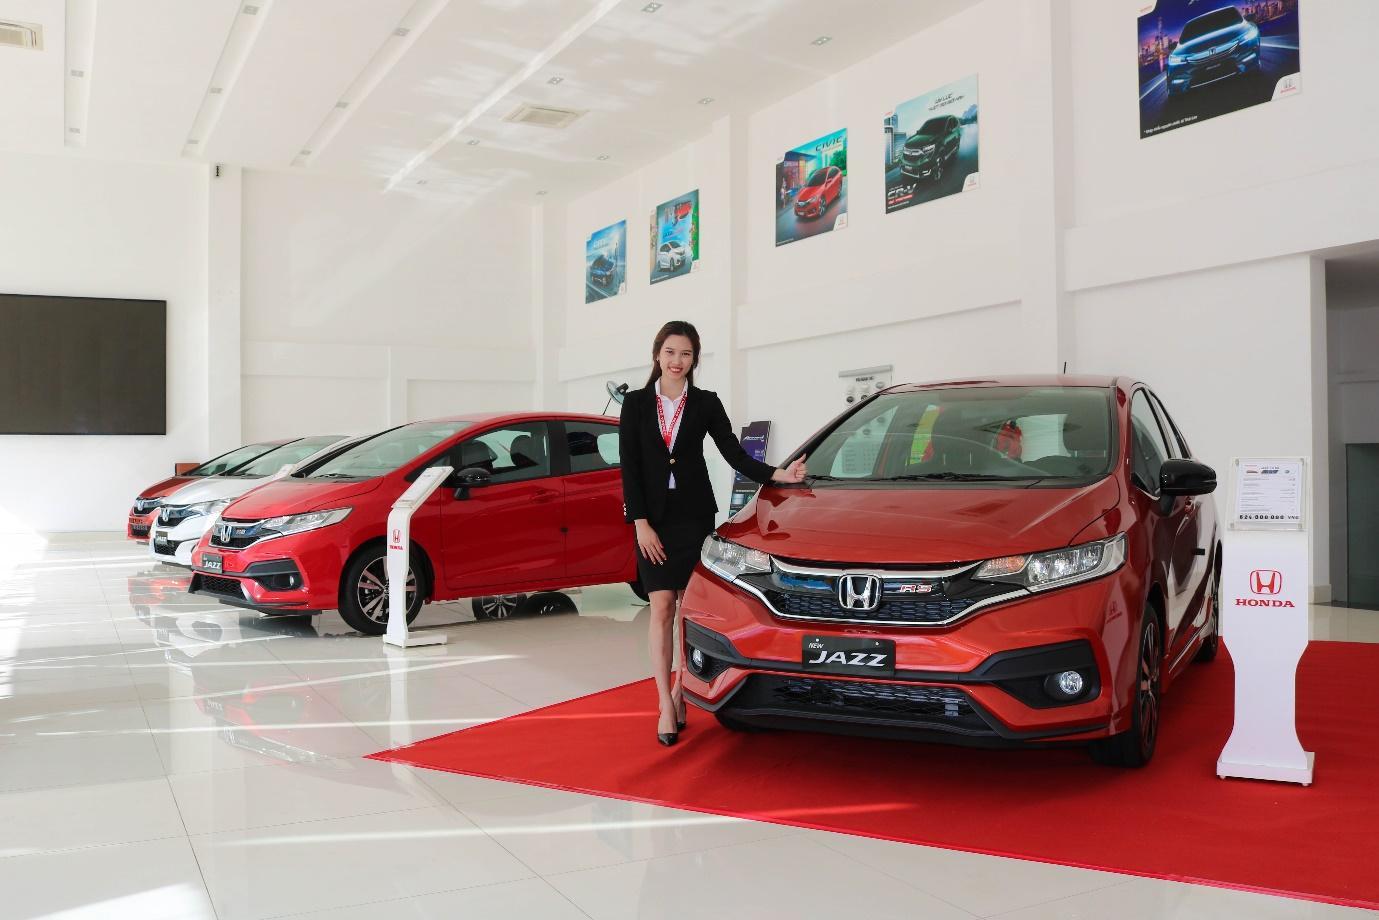 """Honda Ôtô Gia Lai """"Khuyến mại tưng bừng - Chào mừng đến Tết"""" - Ảnh 3"""